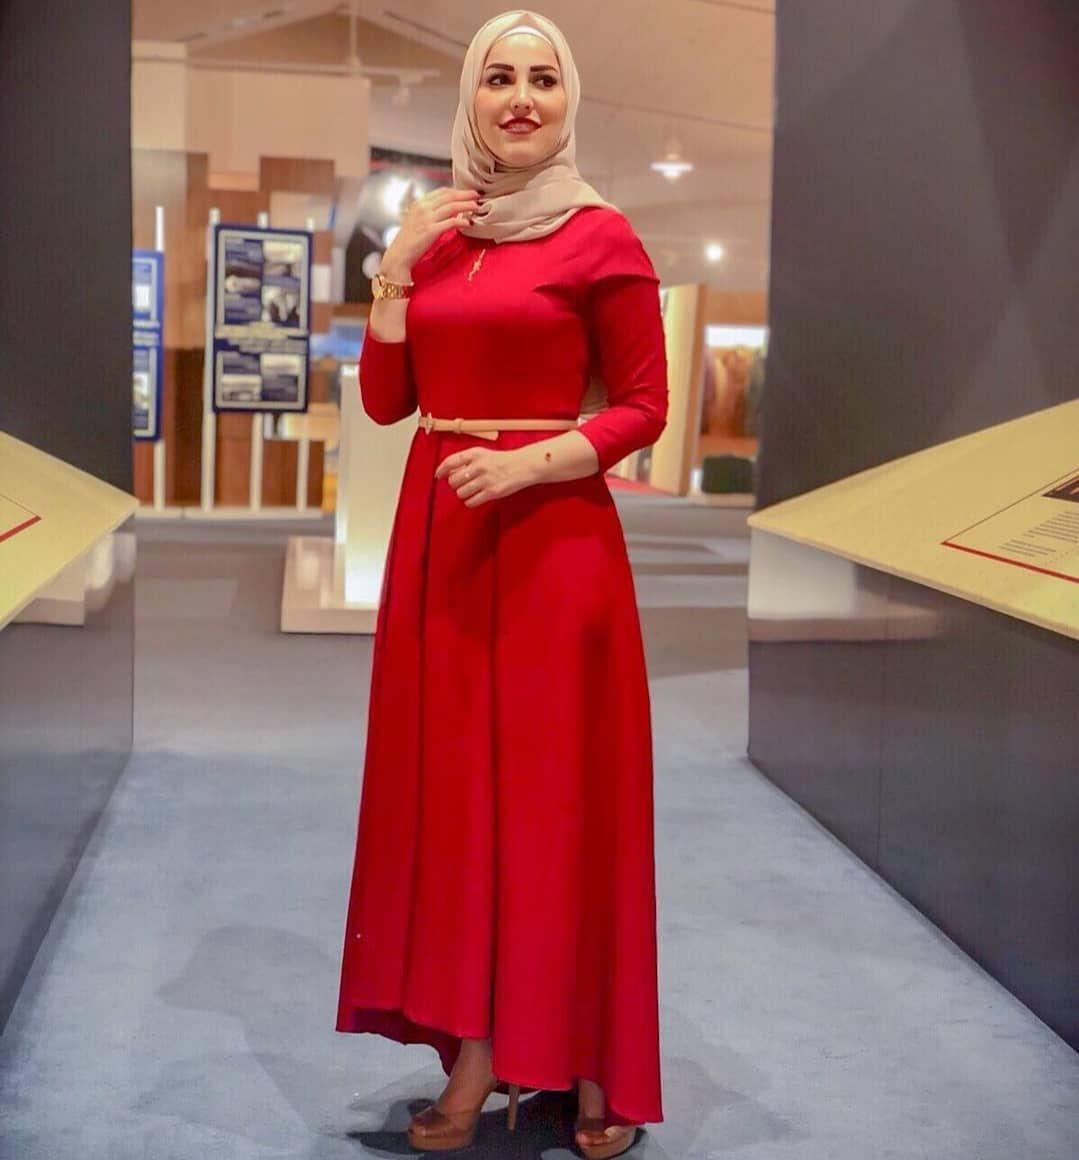 اجدد فساتين محجبات خروج تفصيل 2020 Dresses Hijabi Outfits Casual Modest Dresses